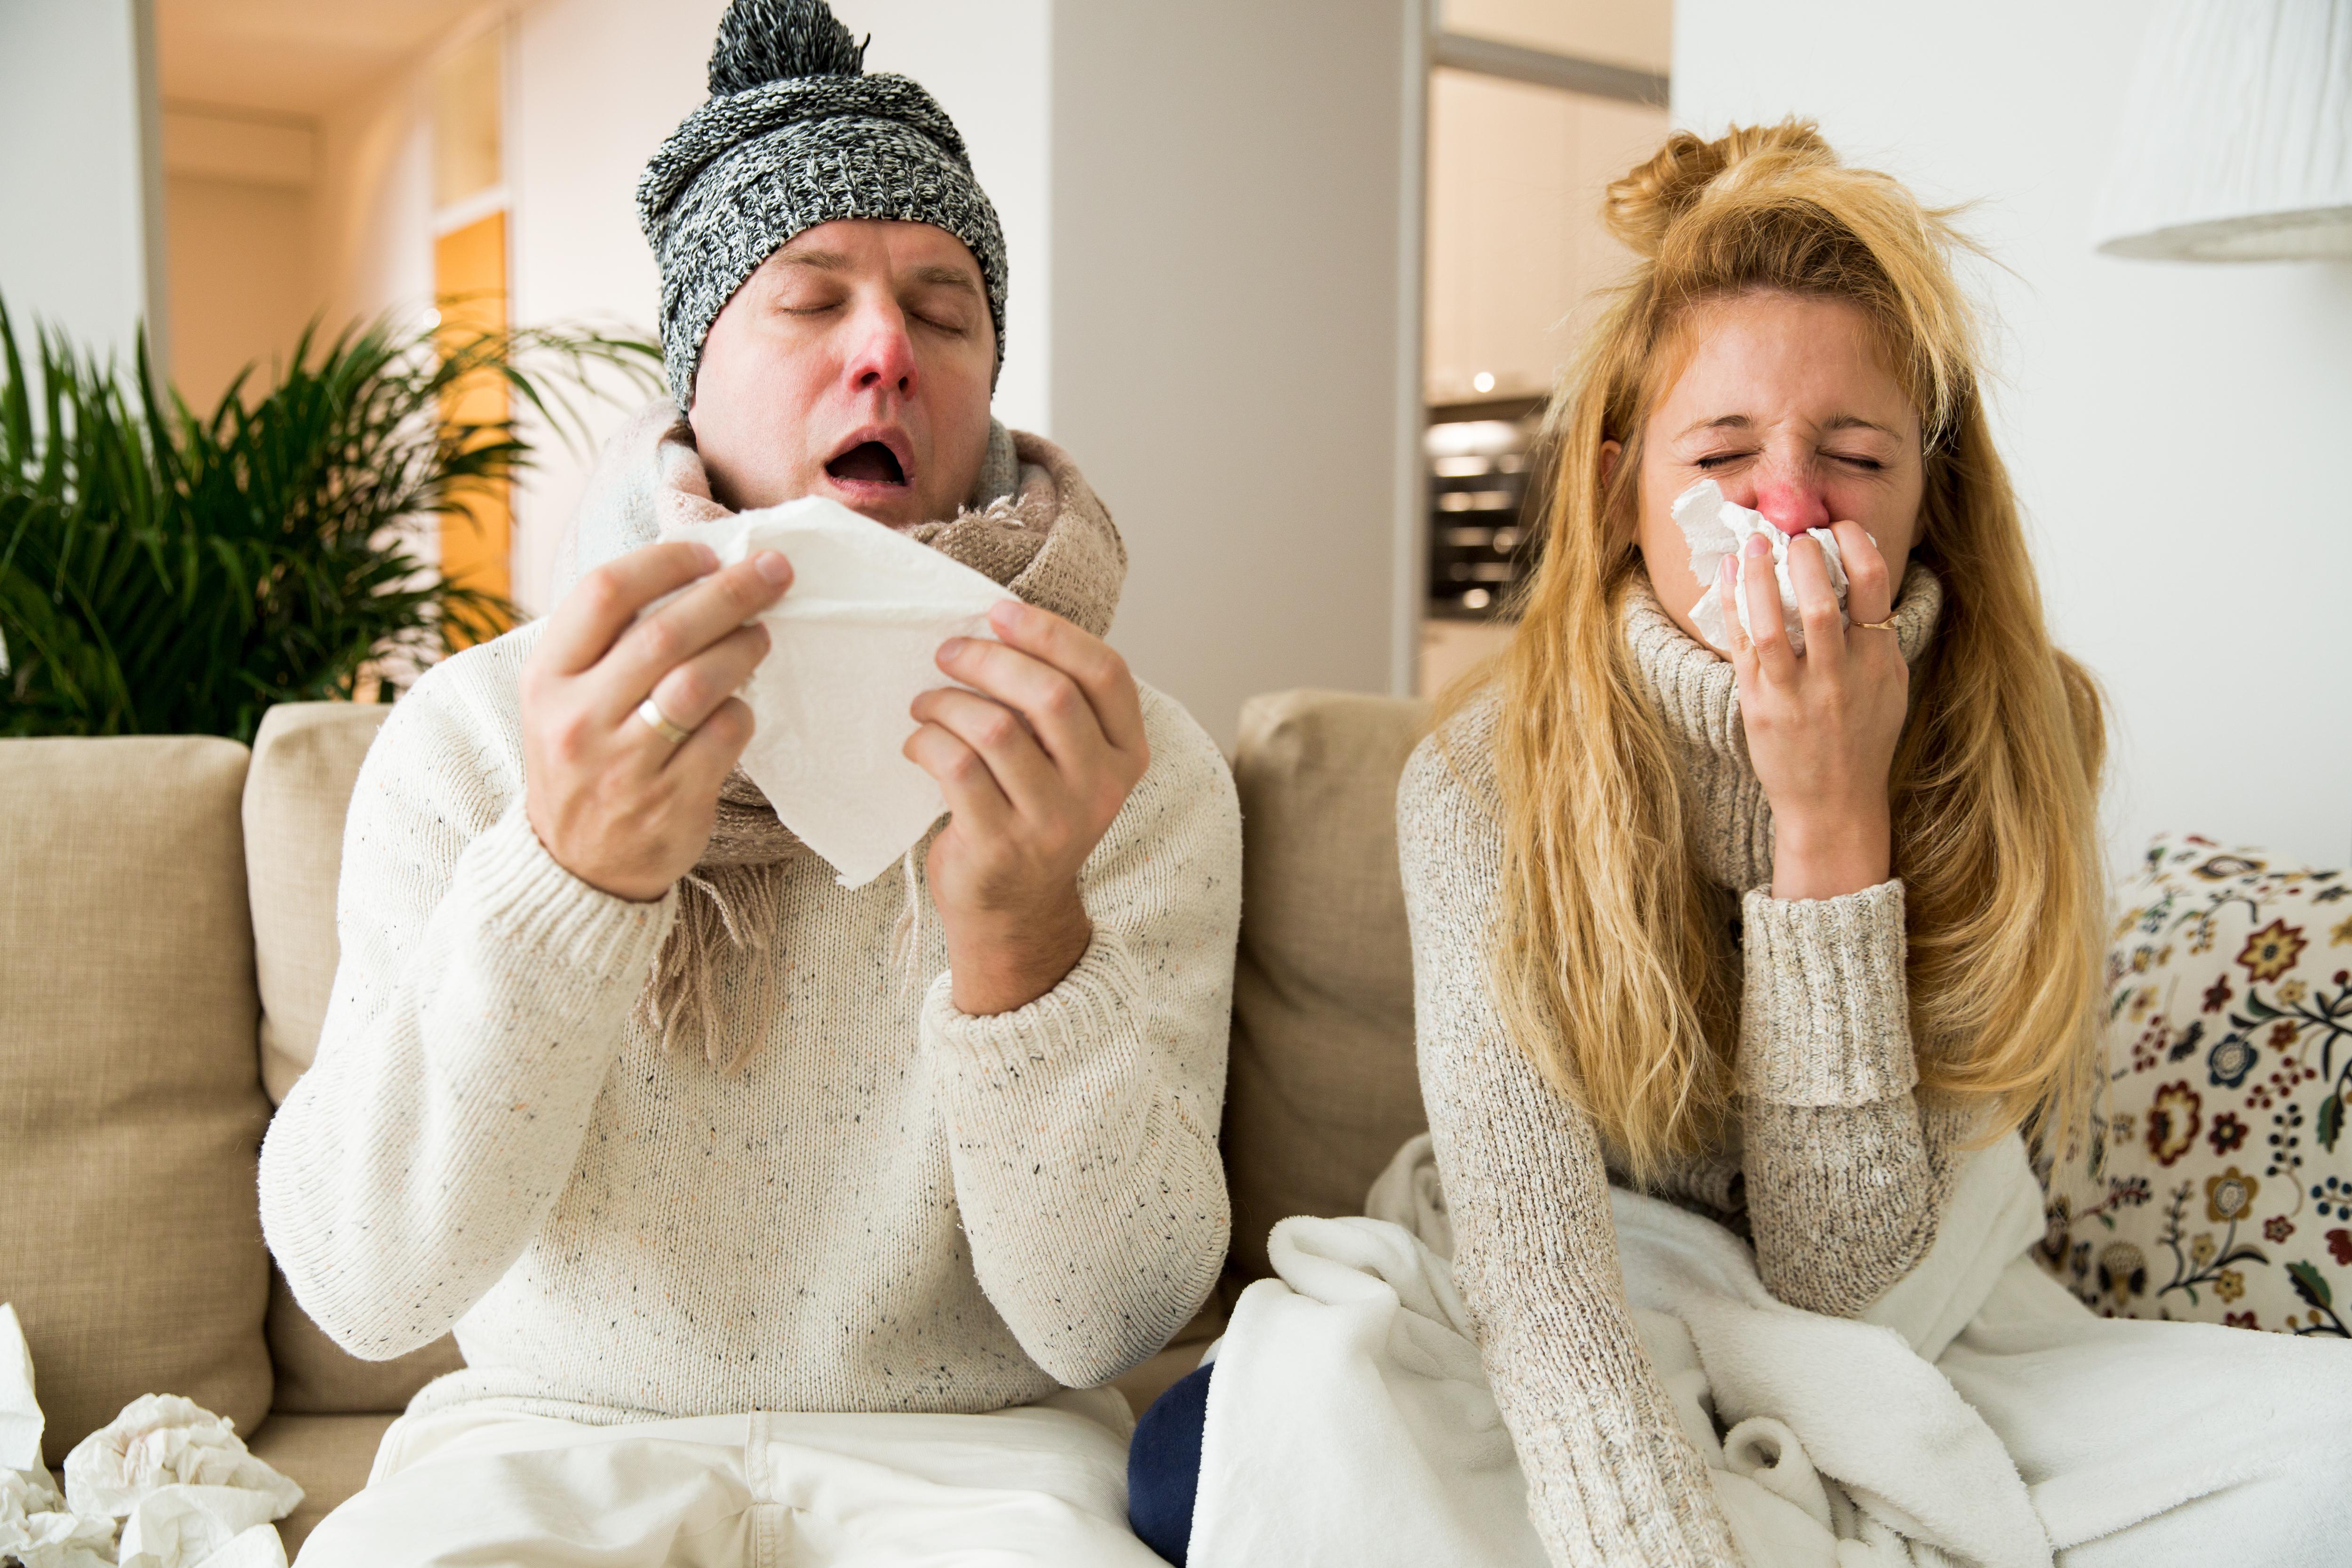 鼻子闻起来总是臭臭的,到底是什么在作怪?